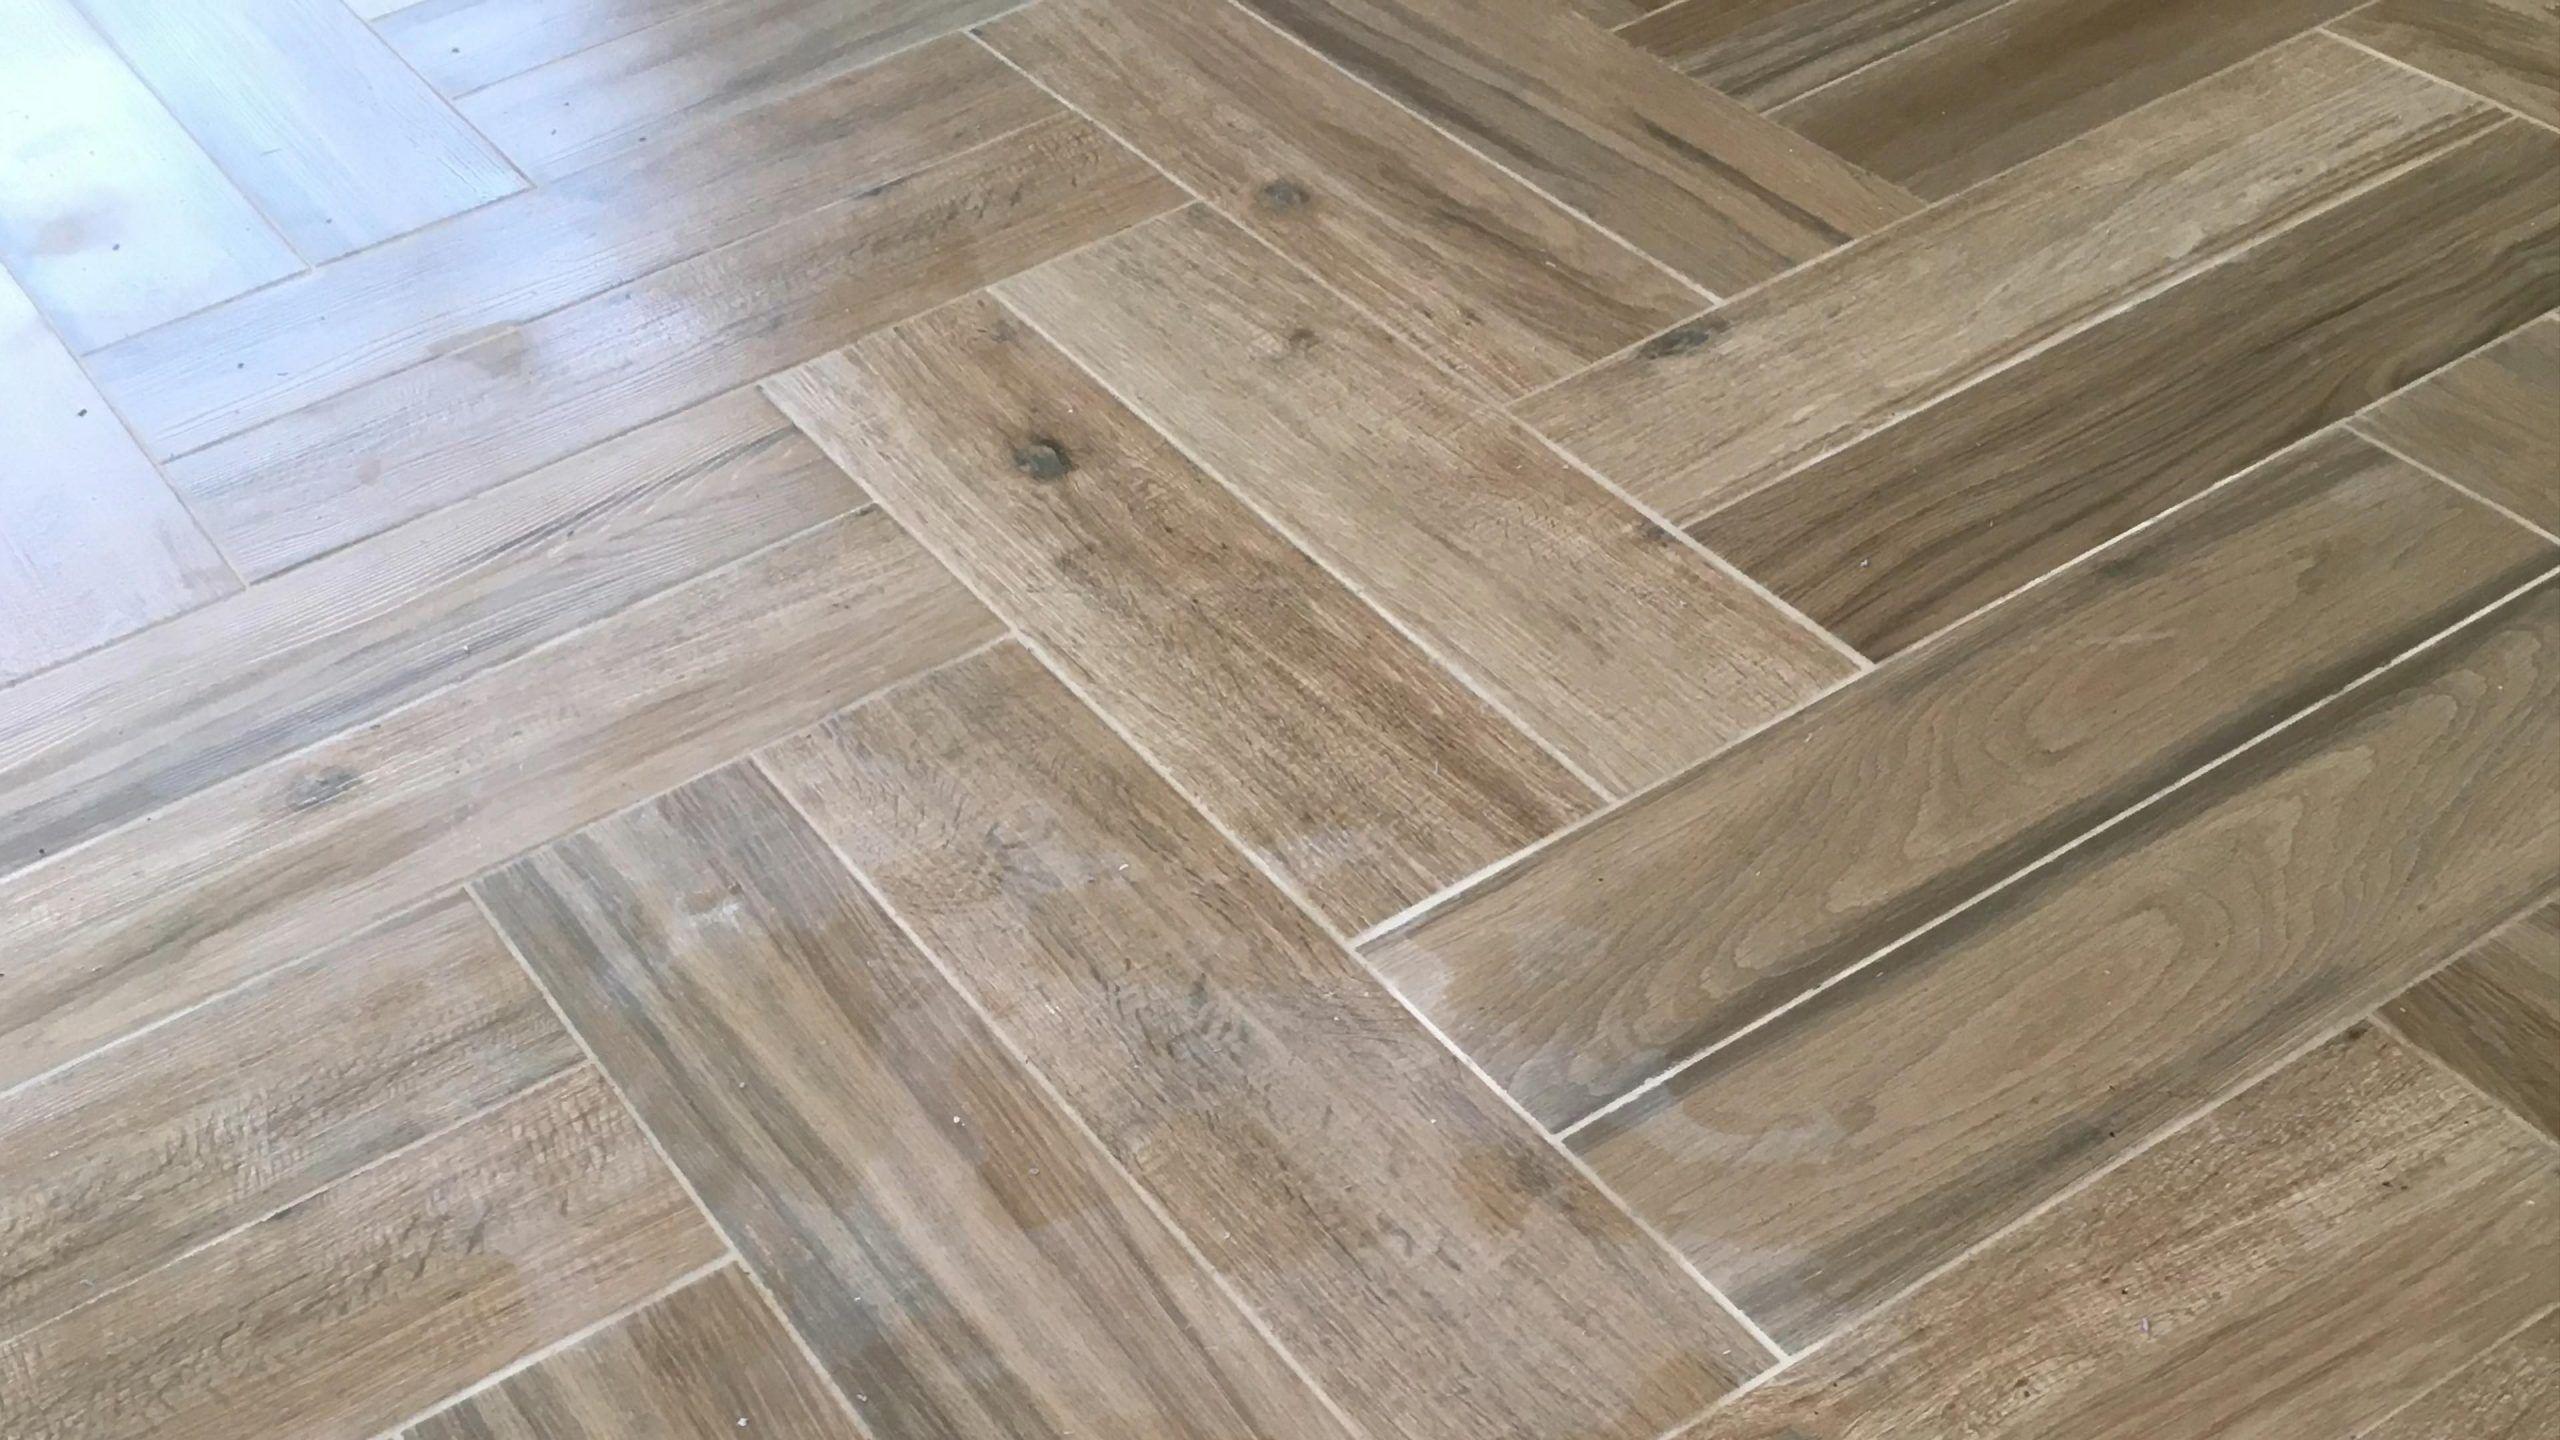 Double Herringbone Floor Double Floor Herringbone In 2020 Herringbone Floor Ceramic Floor Tile Flooring